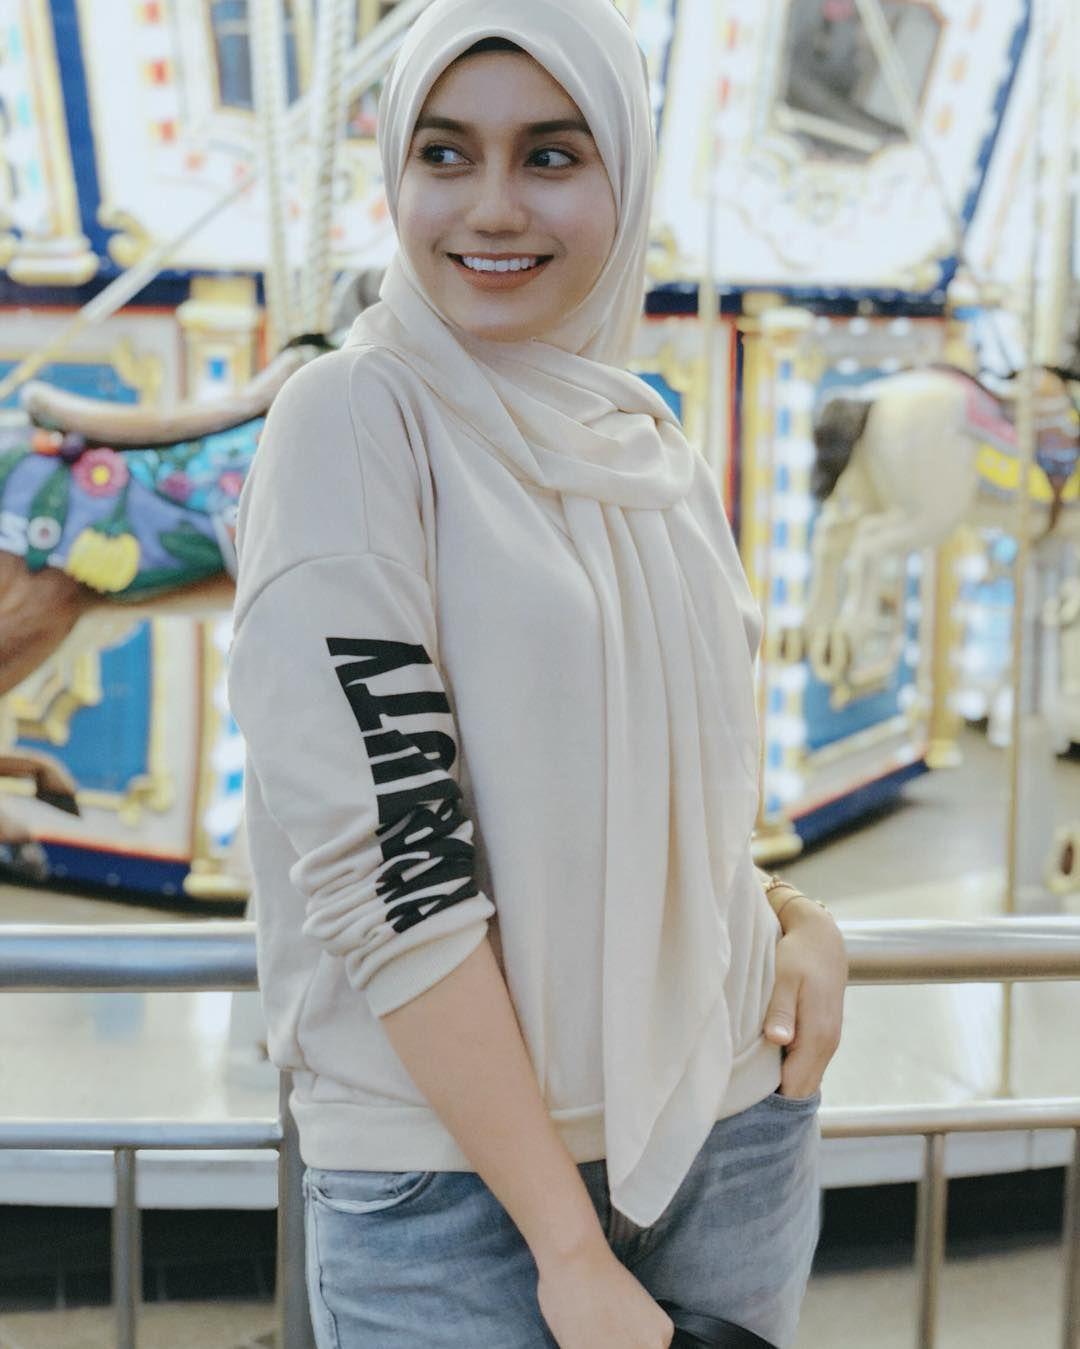 ในภาพอาจจะมี 1 คน Hijab, Kecantikan